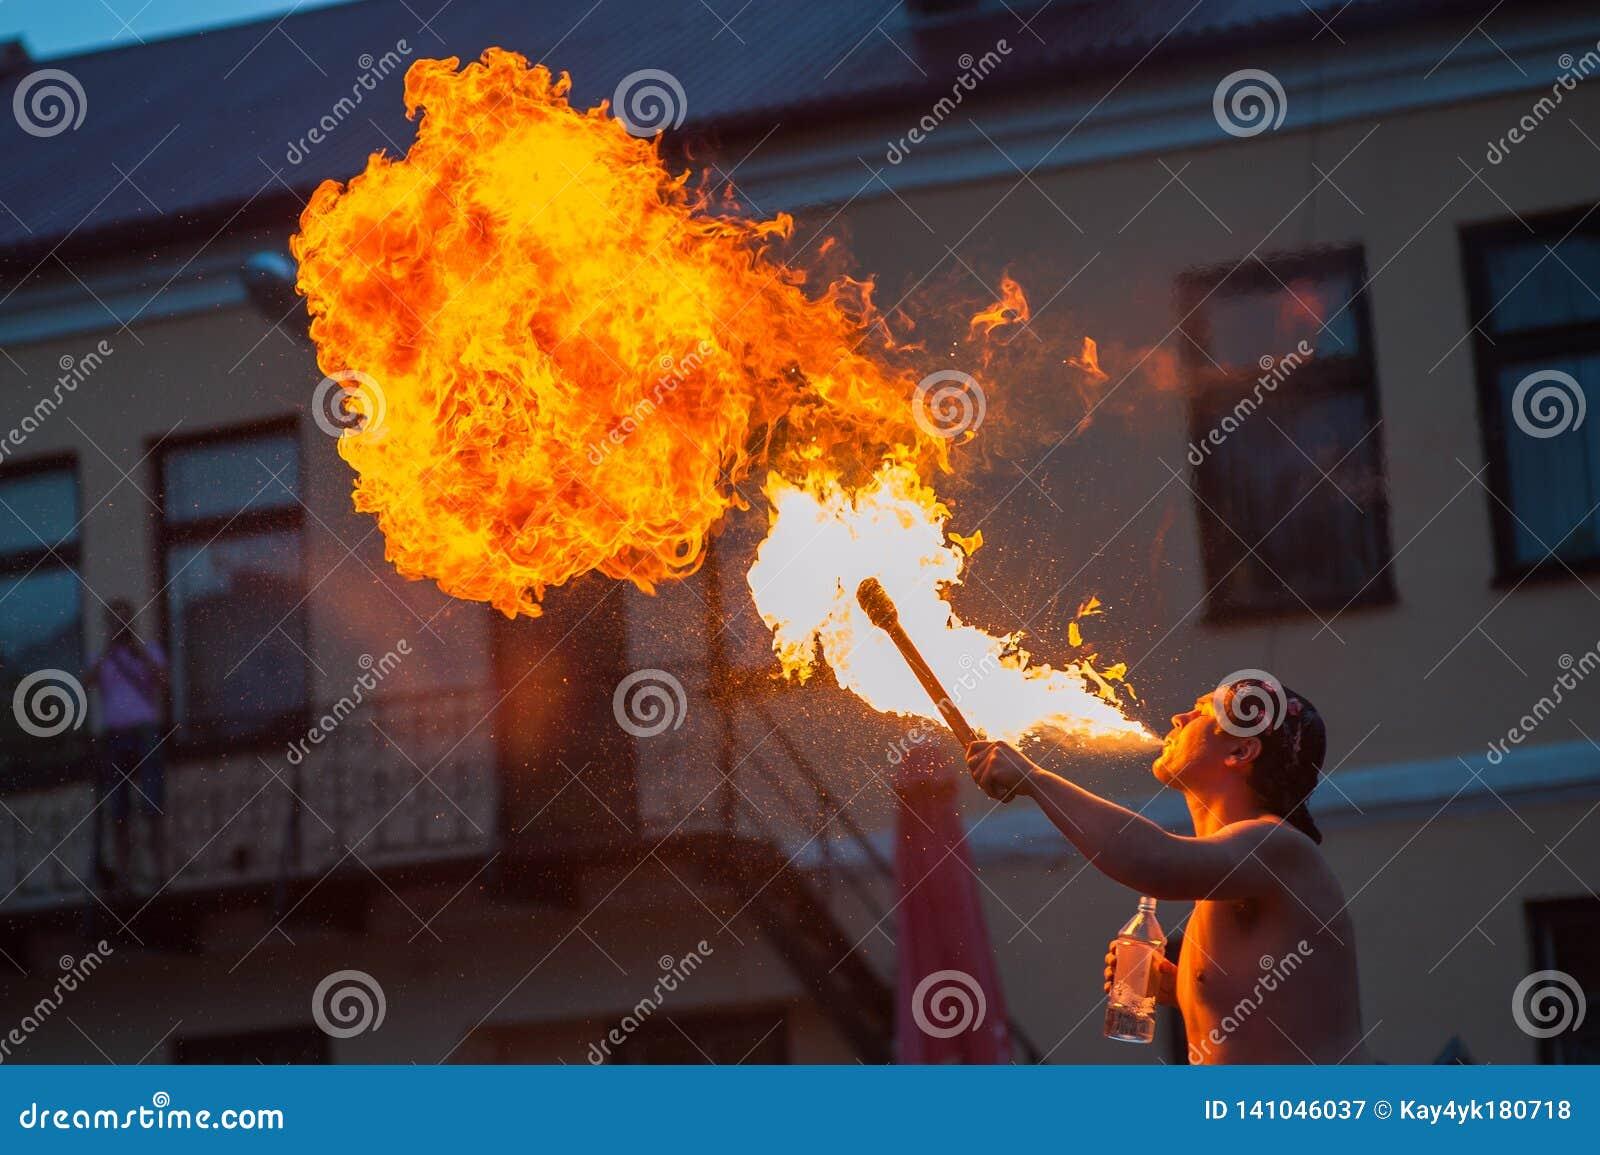 Un jeune homme répand un feu hors de son jeune homme de mouththe répand le feu de sa bouche spectacle pour des visiteurs